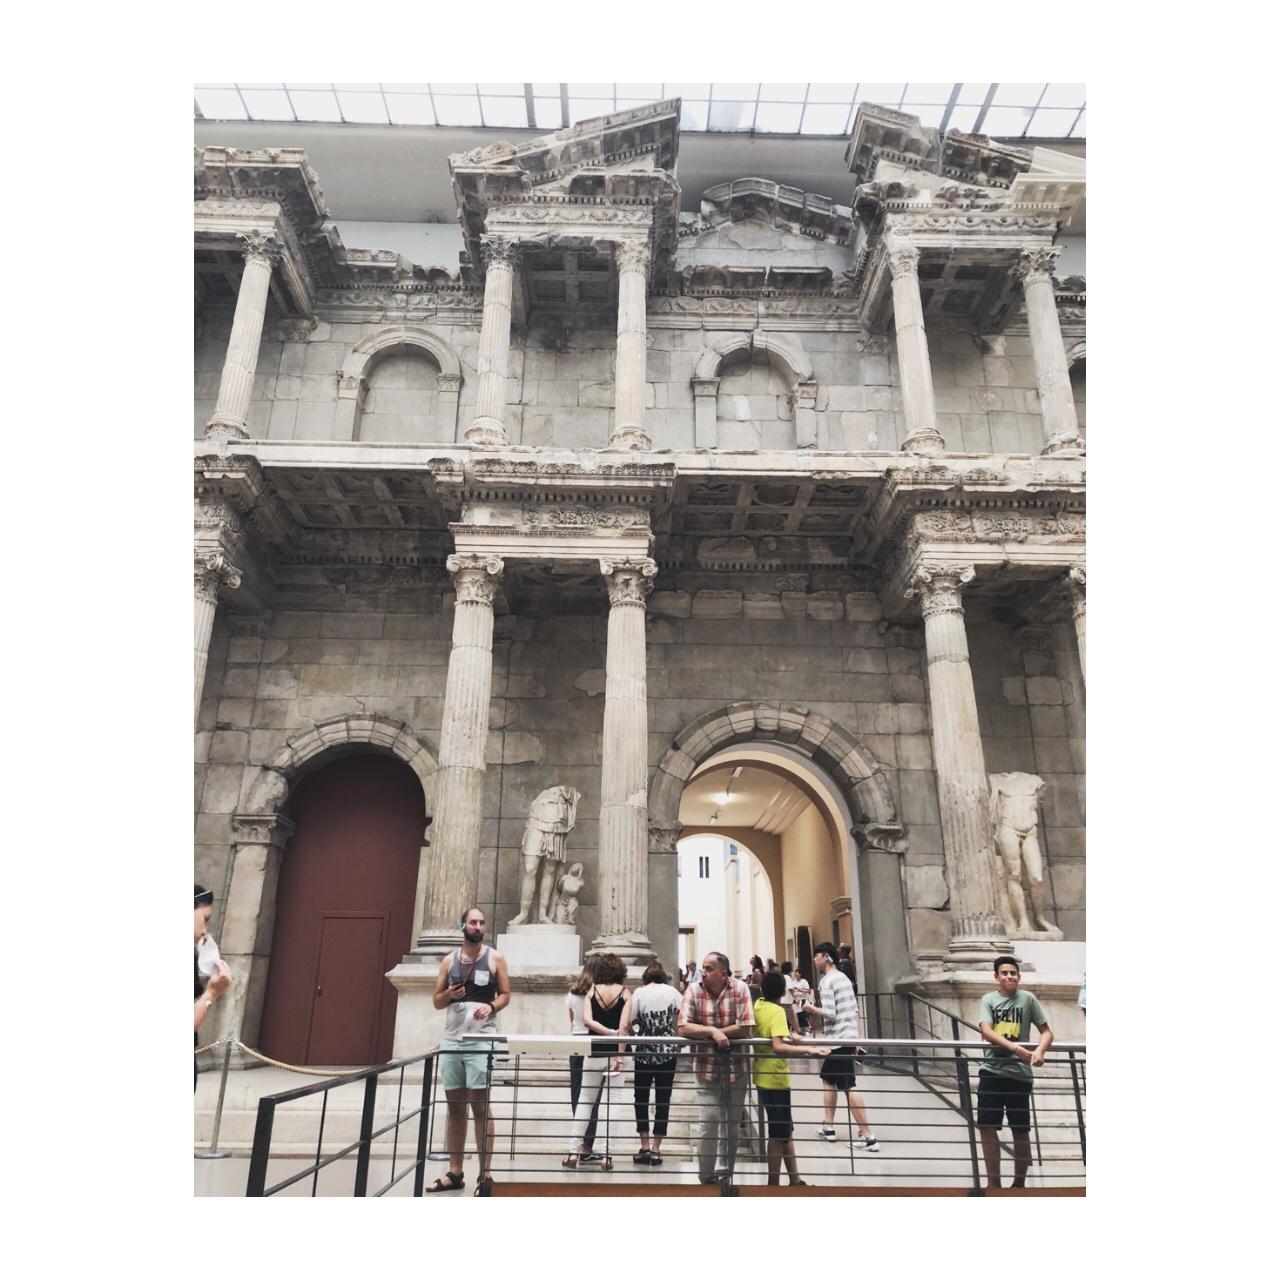 Part of the Pergamon Museum